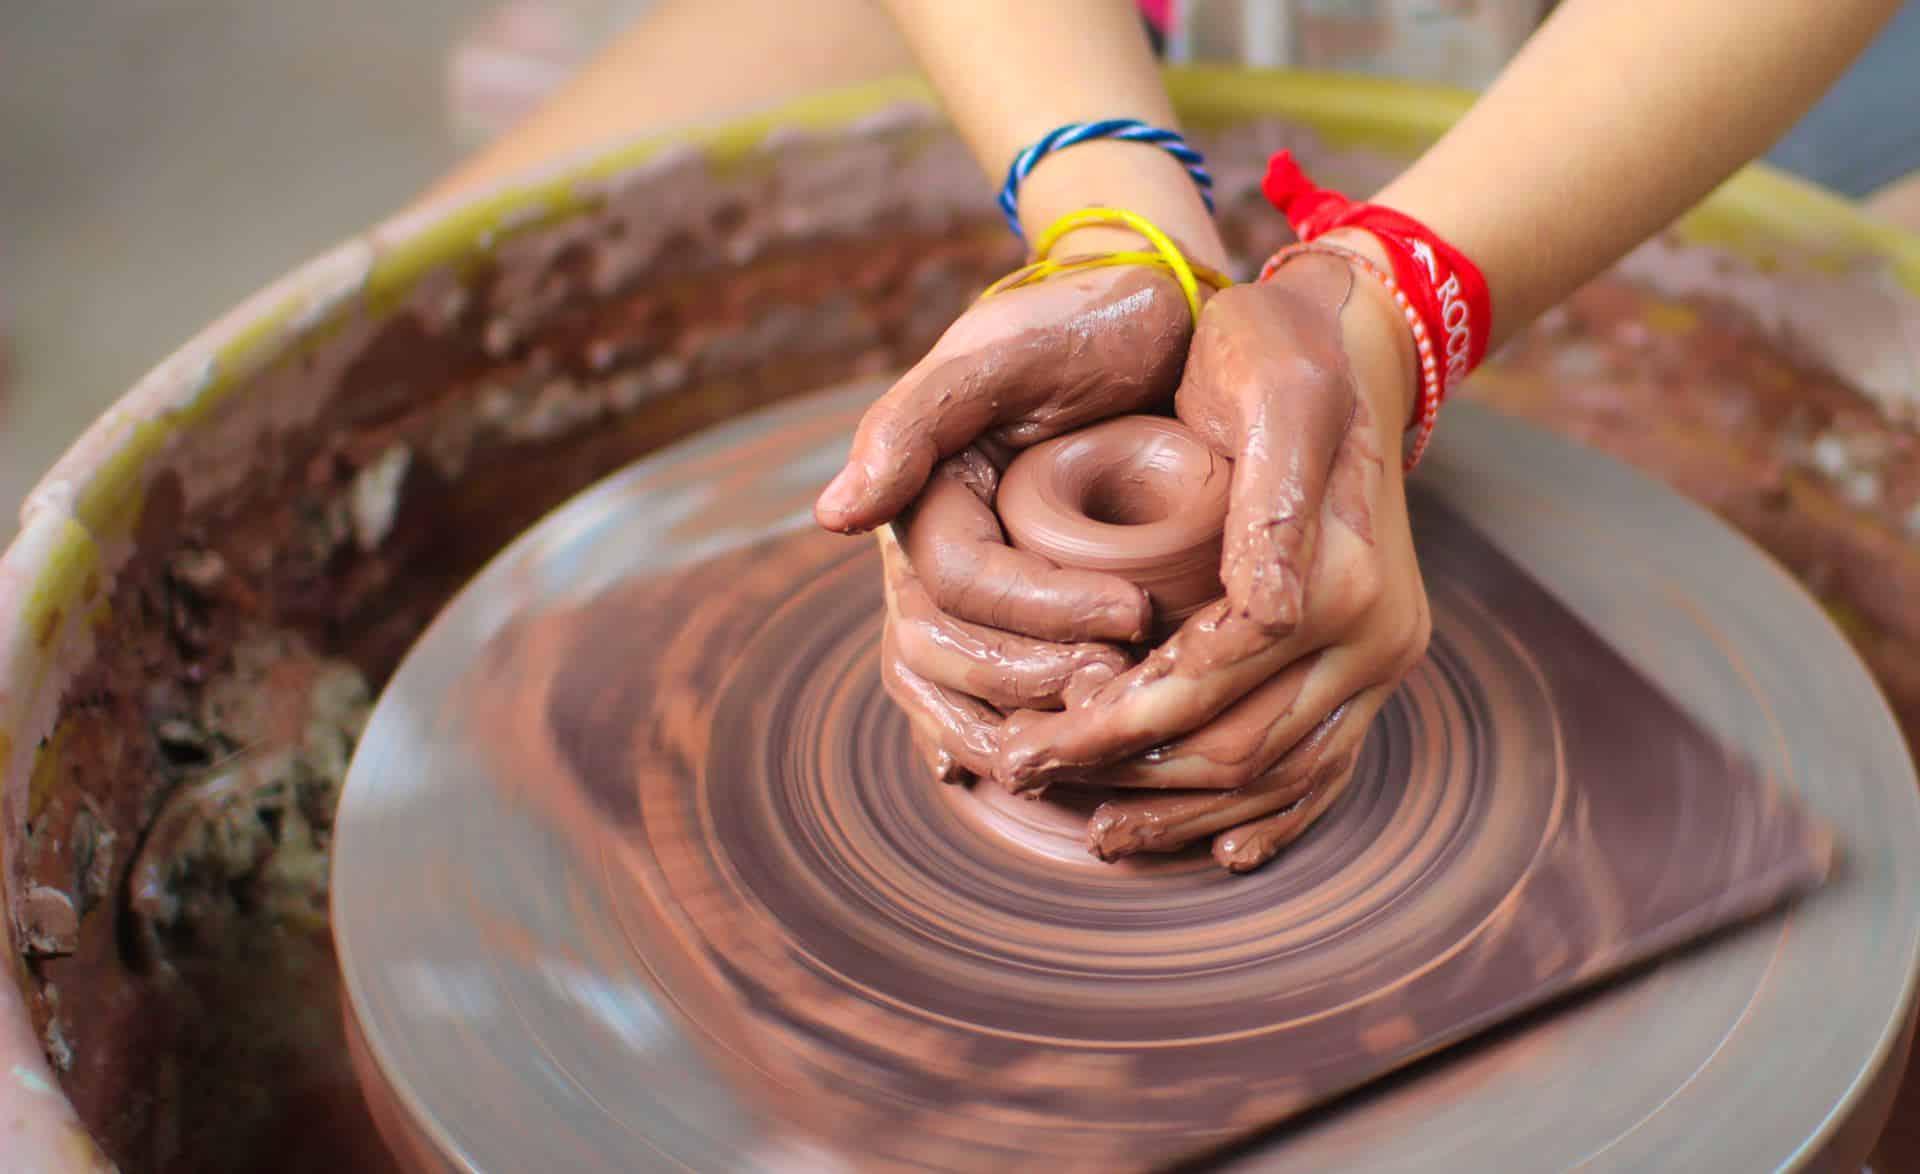 spinning pottery wheel at camp ceramics program